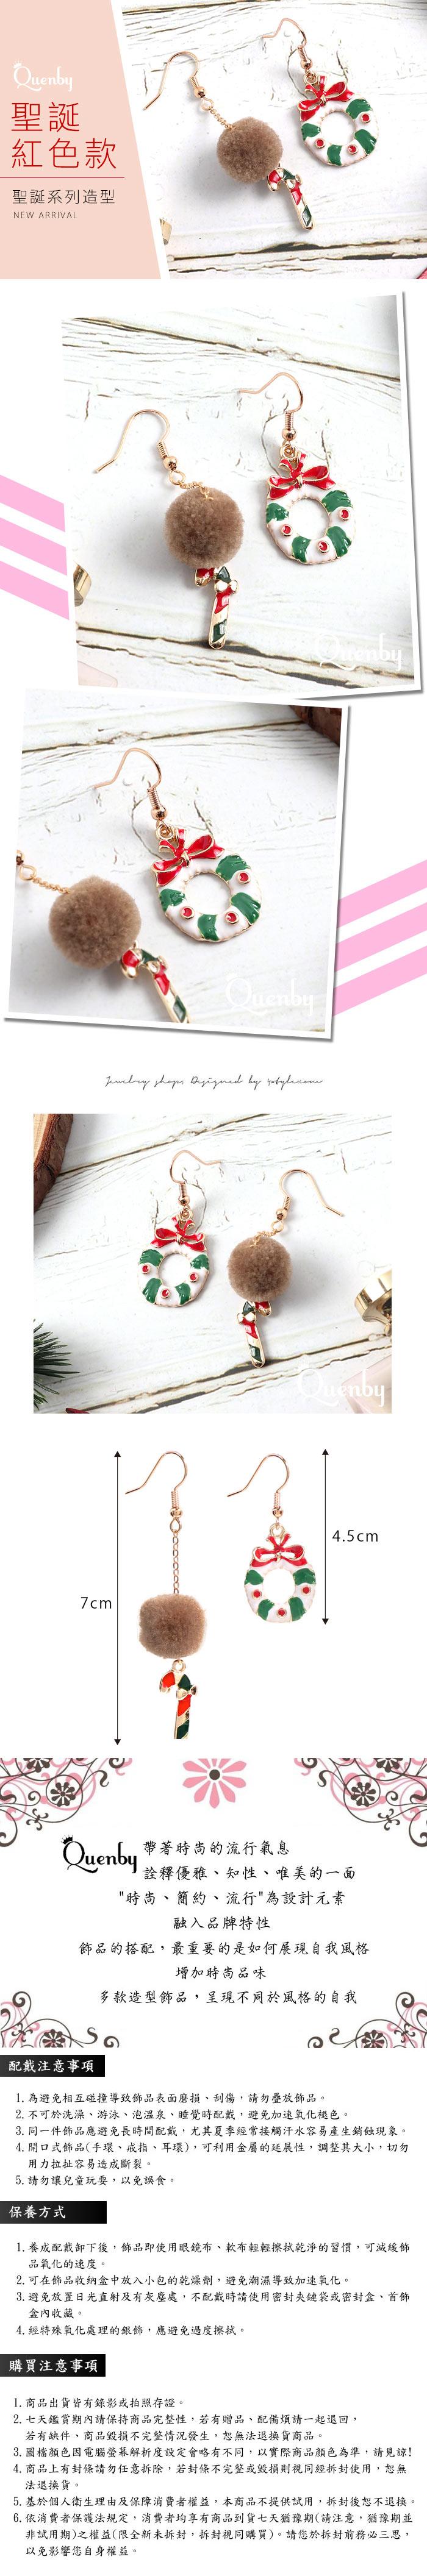 Quenby 秋冬聖誕款不對稱球球枴杖棒棒糖花圈長耳環/耳針